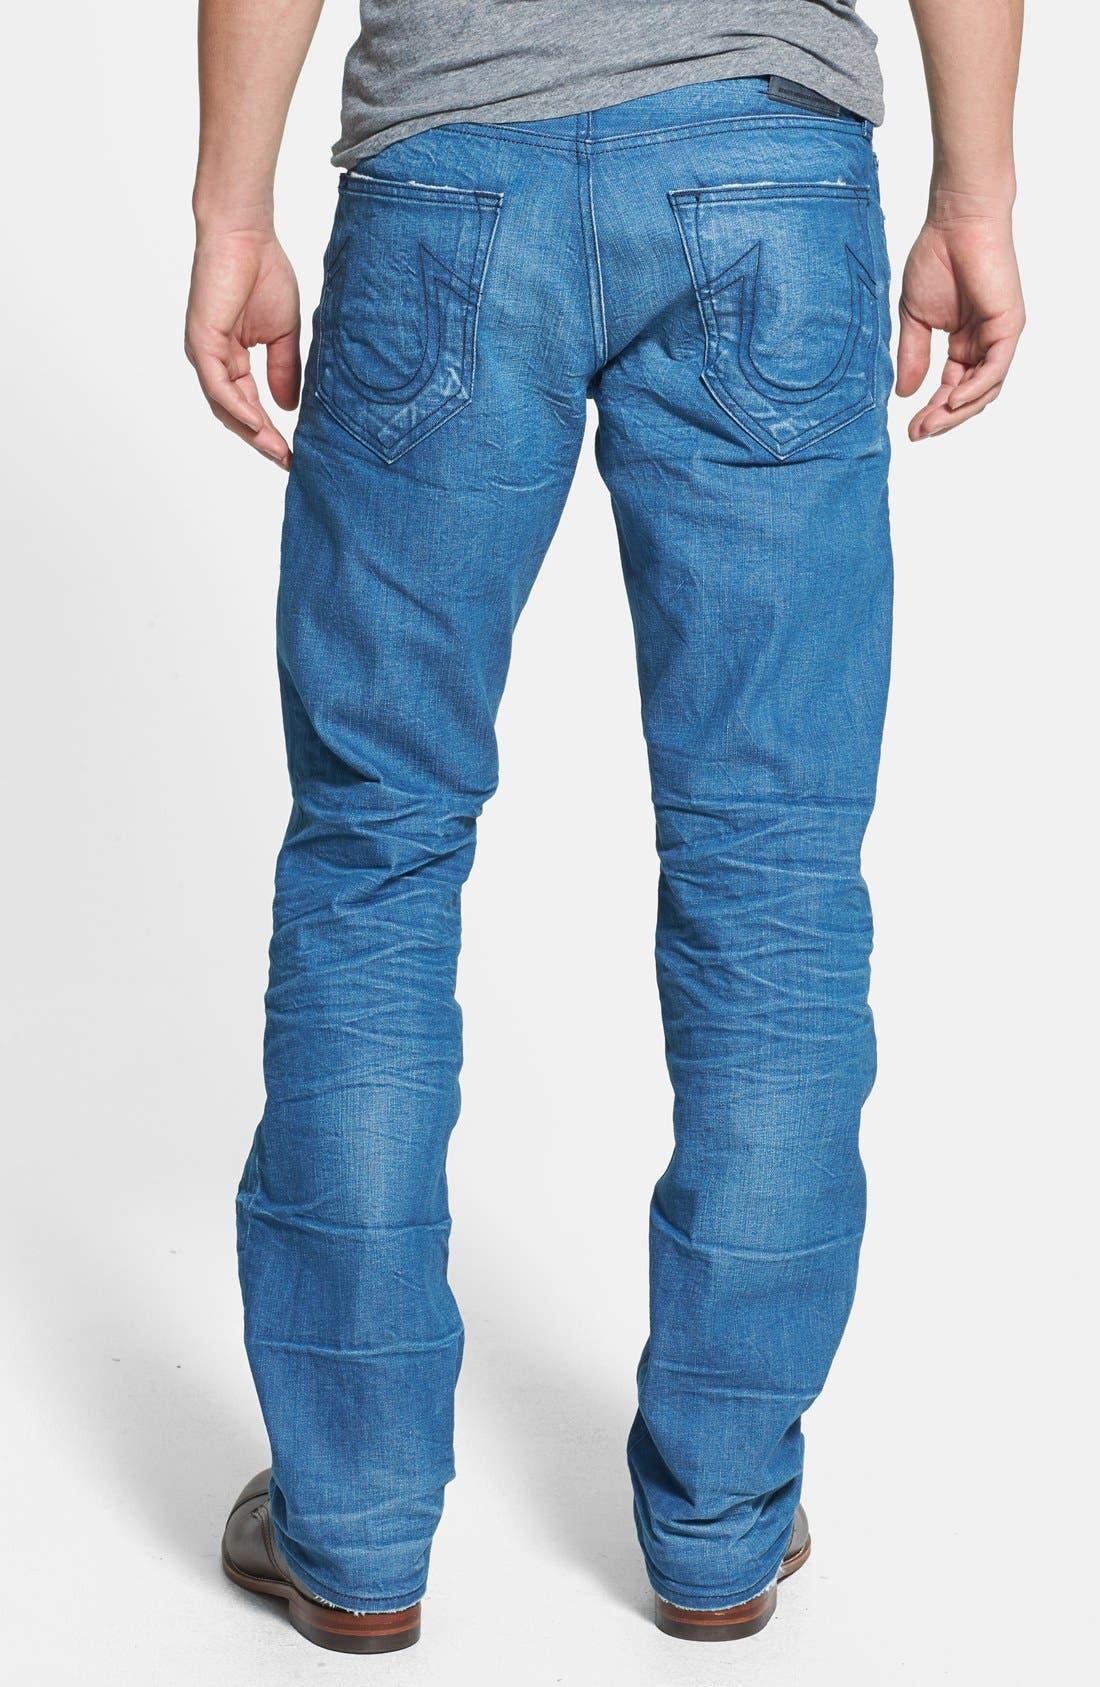 Alternate Image 1 Selected - True Religion Brand Jeans 'Bobby' Straight Leg Jeans (Azql Blue Caps)